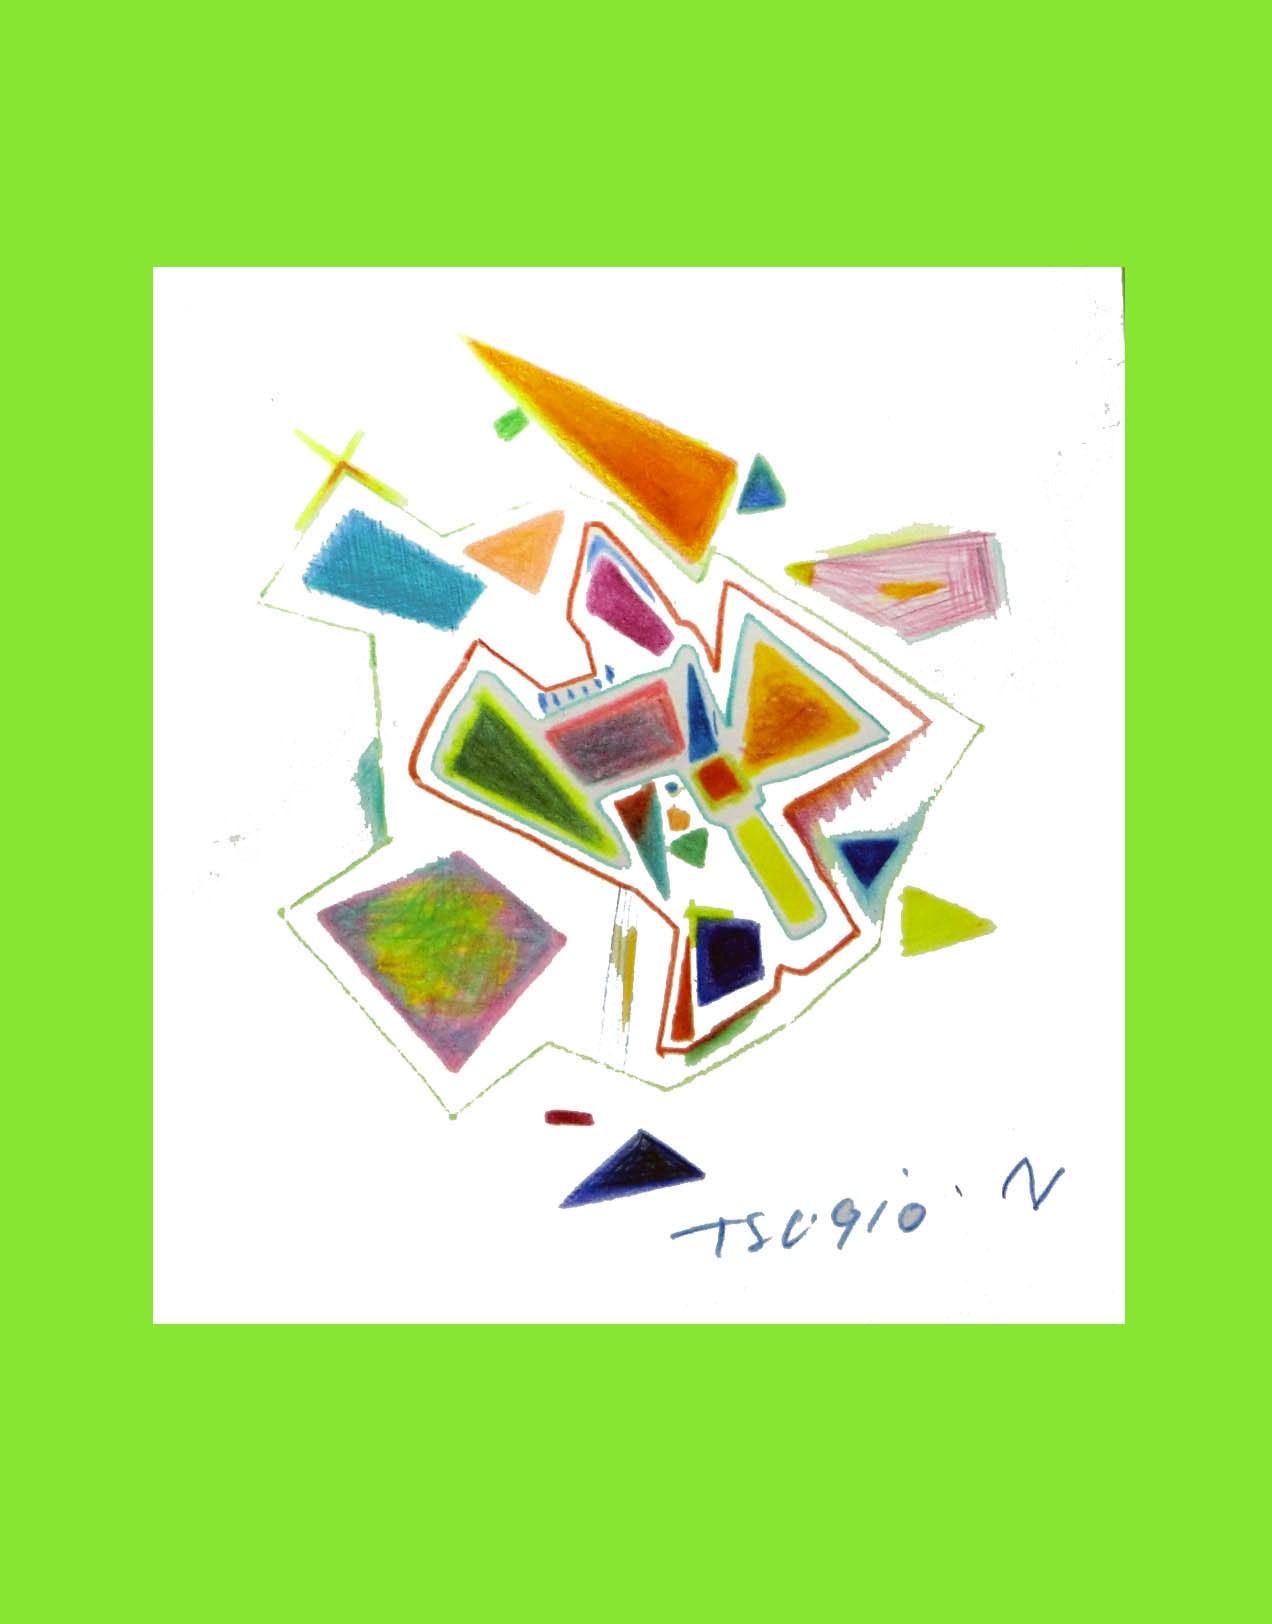 色鉛筆No.25-32.jpg